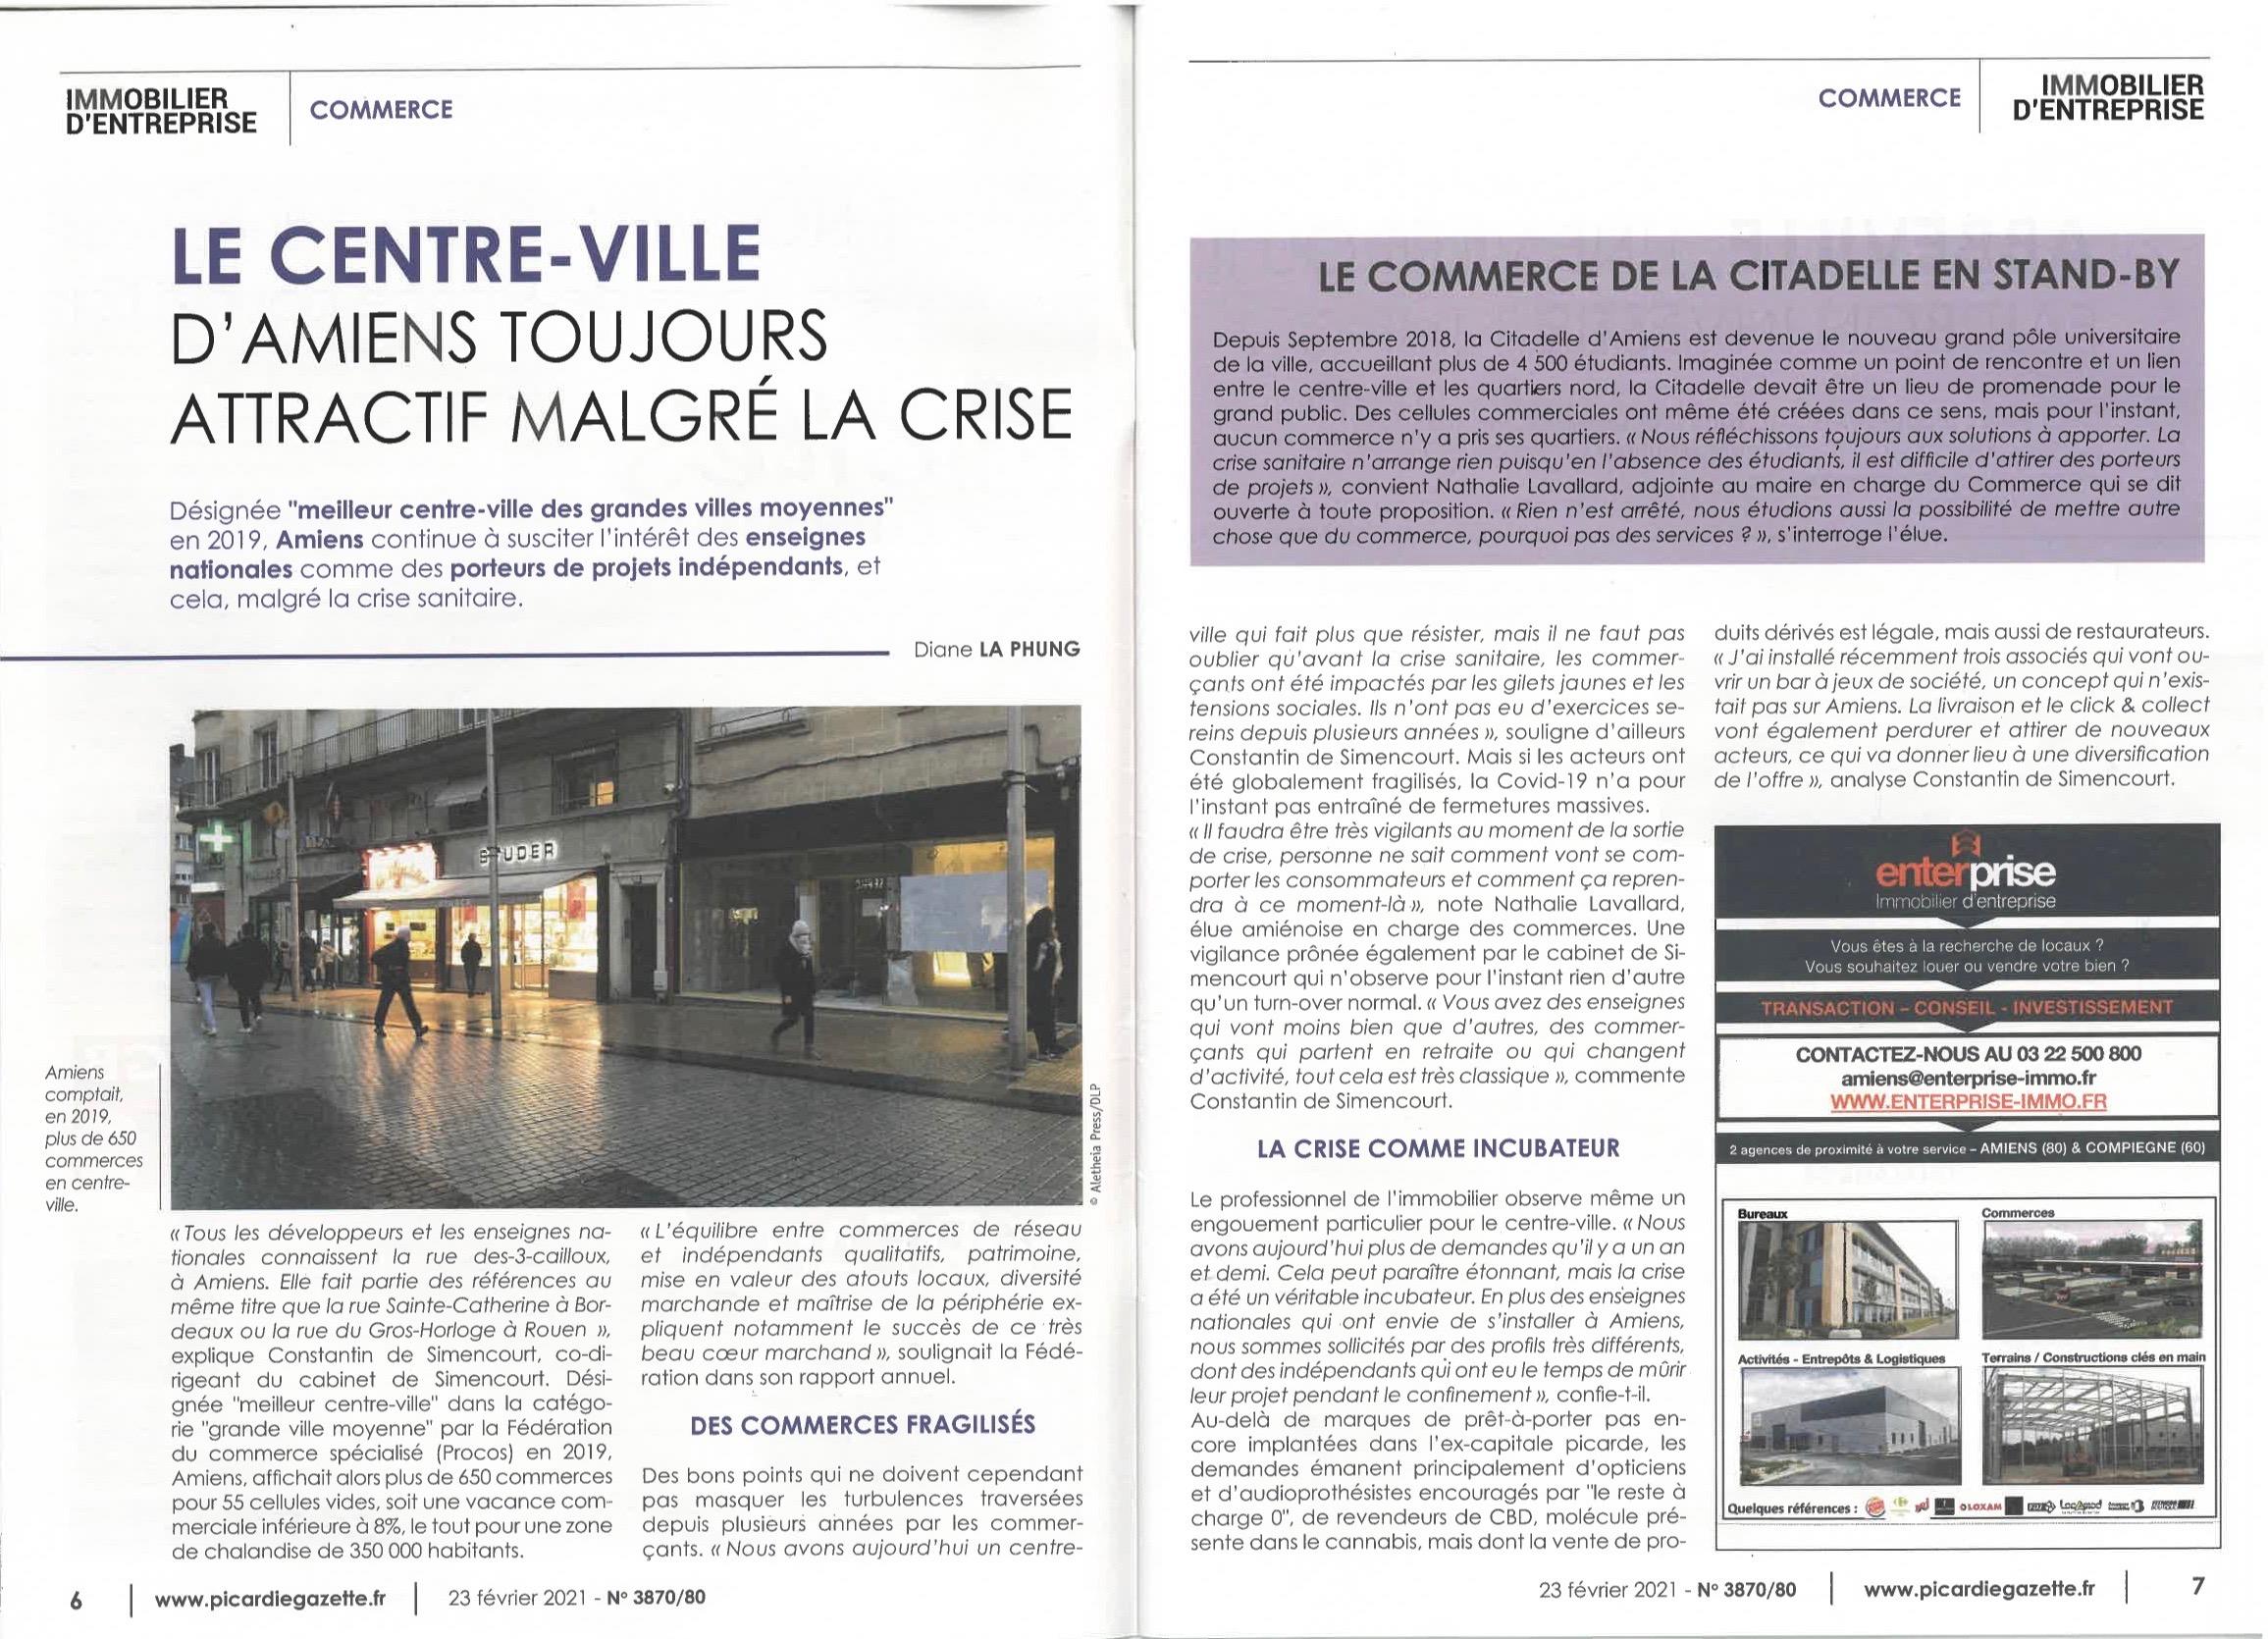 ENTERPRISE Immobilier d'Entreprise est dans Picardie La Gazette